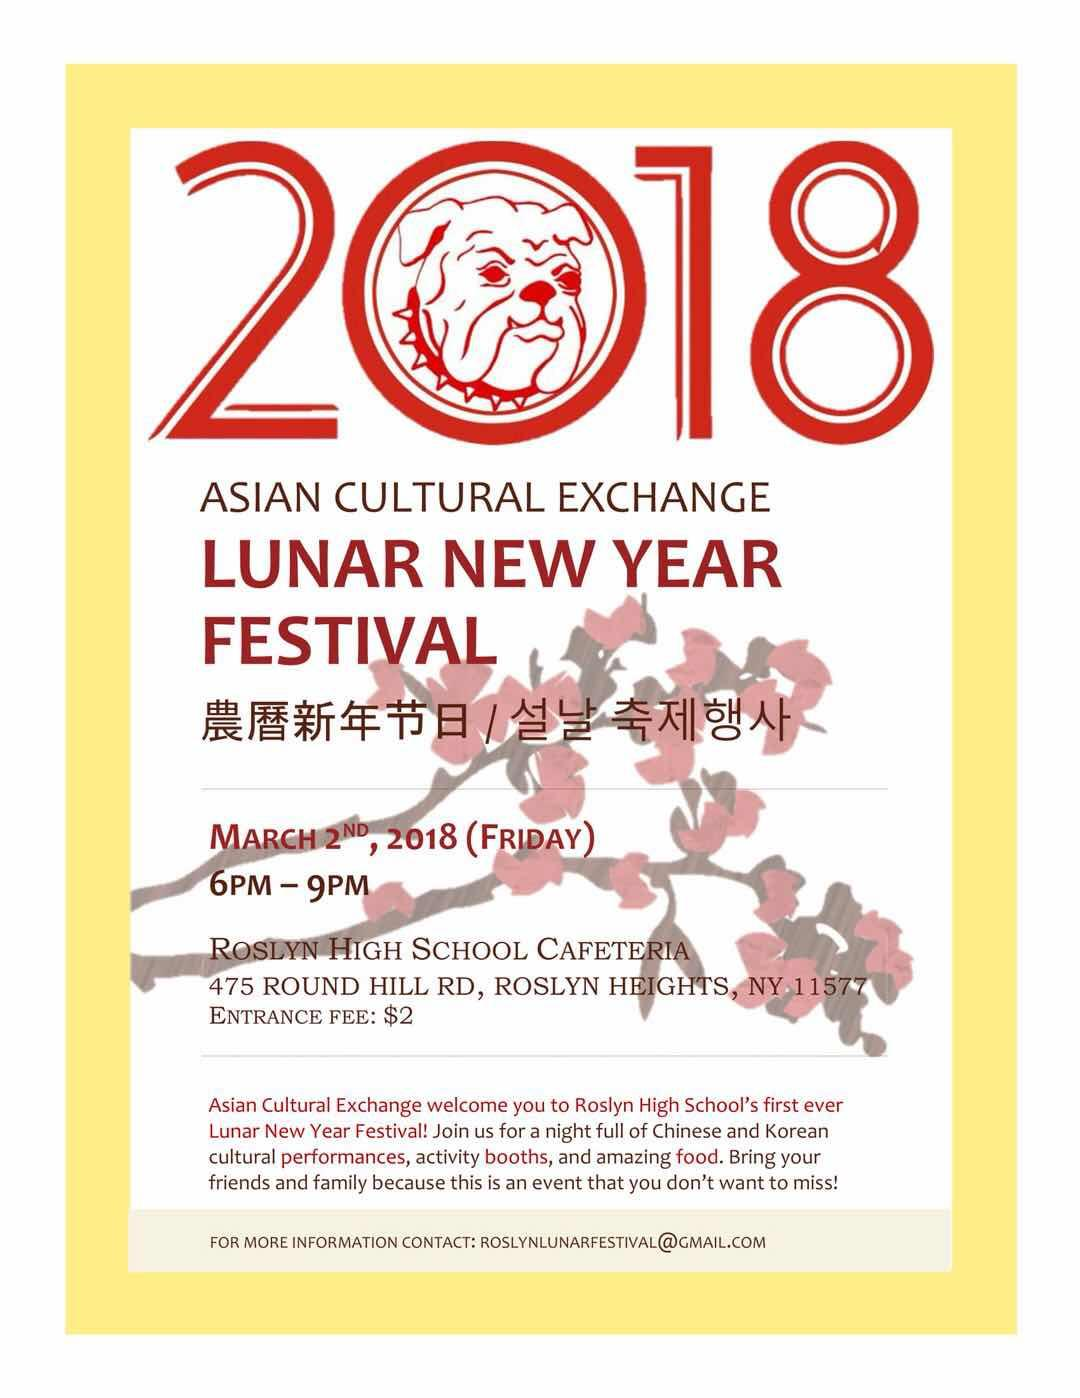 2018 lunar new year celebration roslyn ny